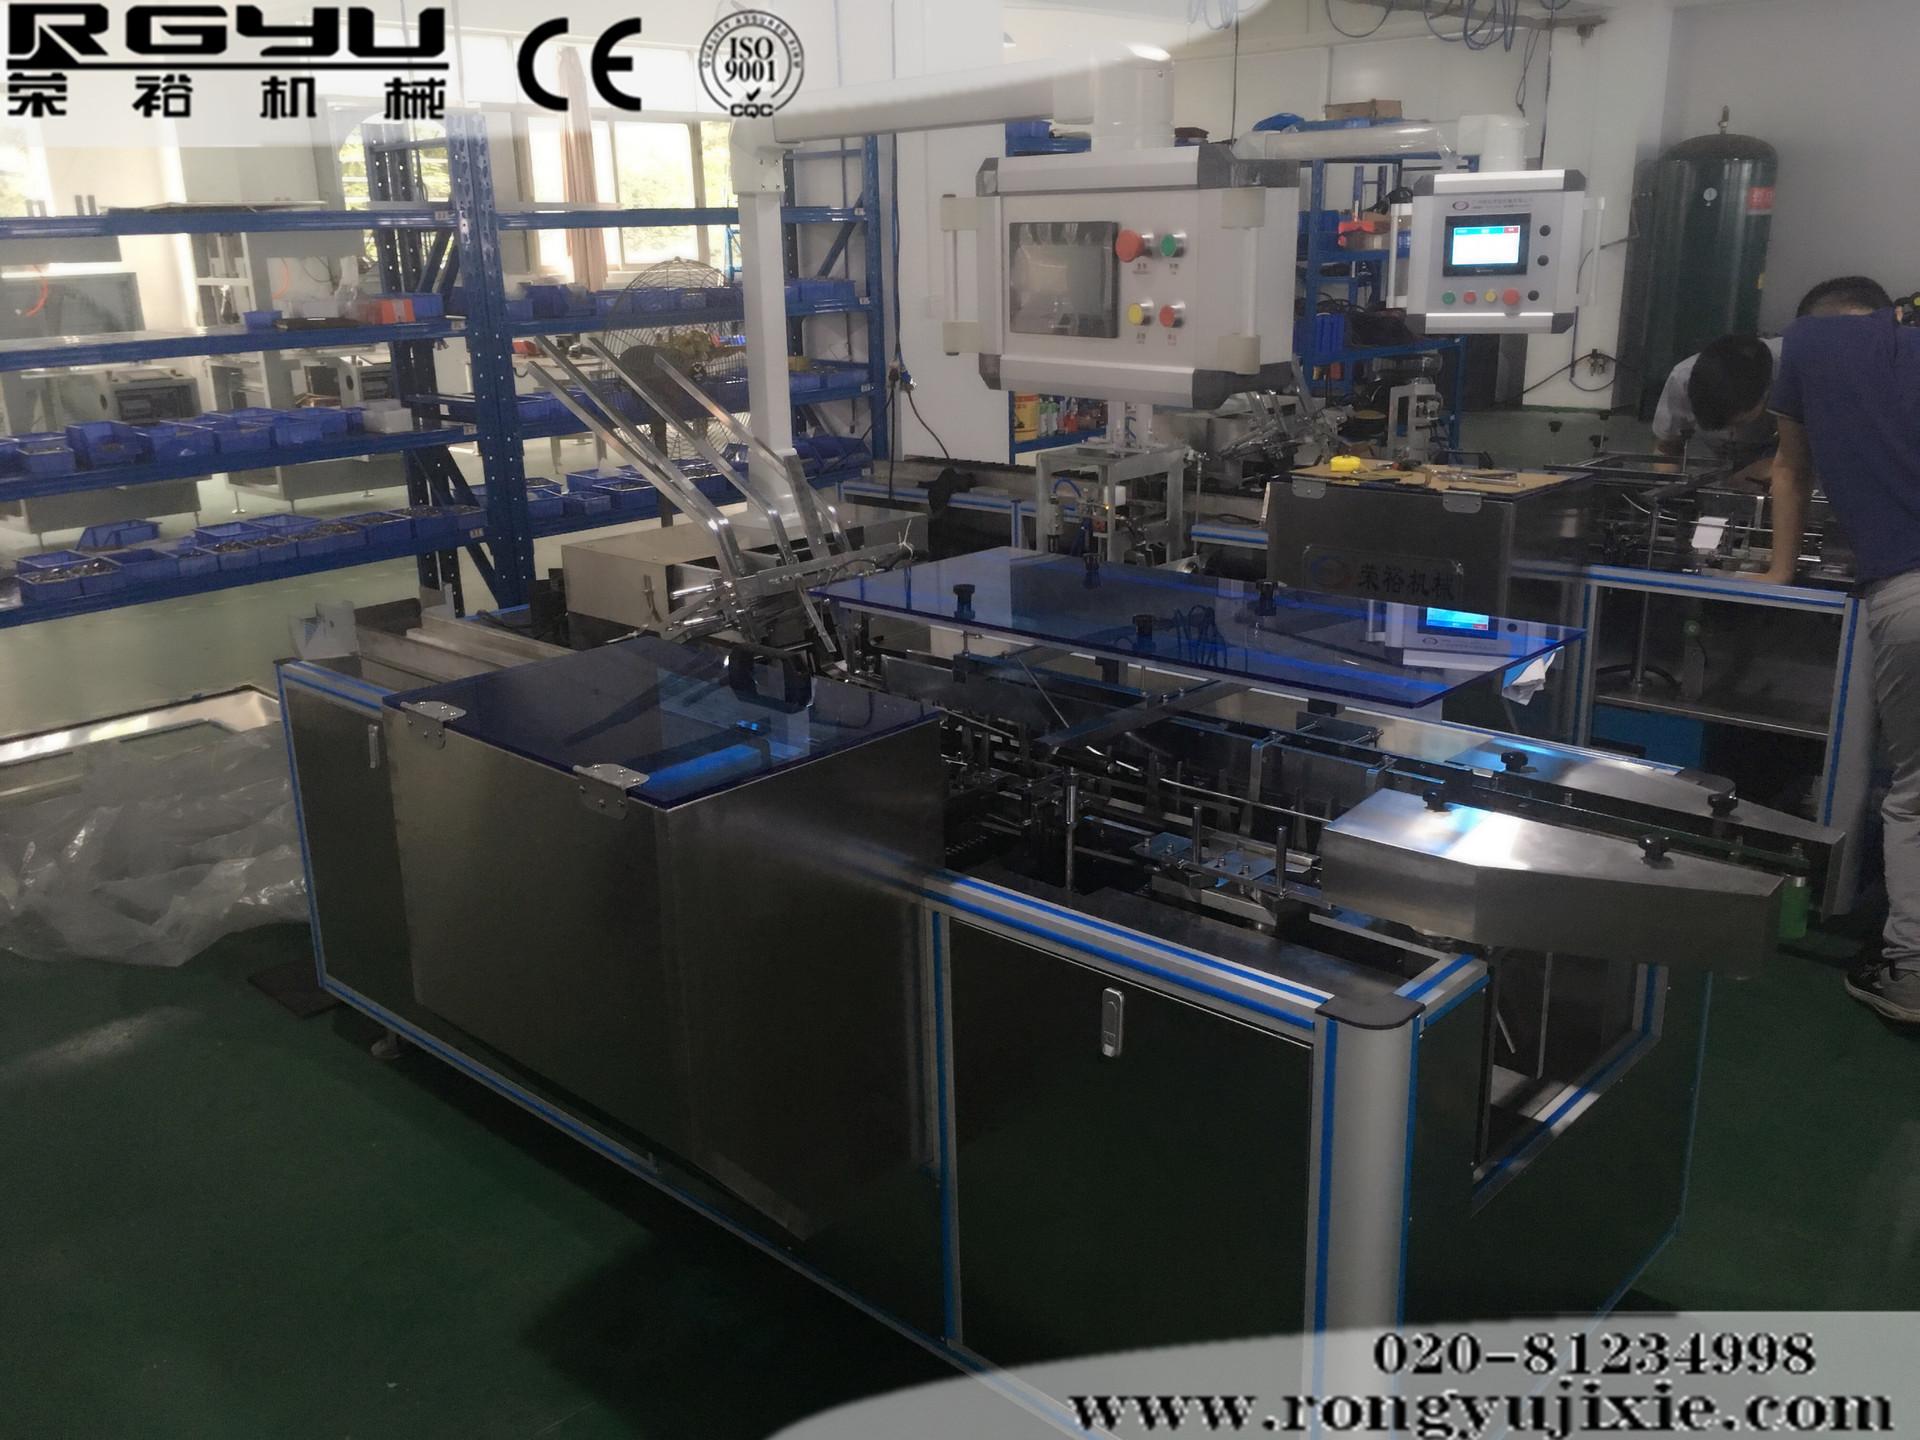 食品全自动装盒机 广州日用品自动包装设备 广州自动生产流水线示例图132